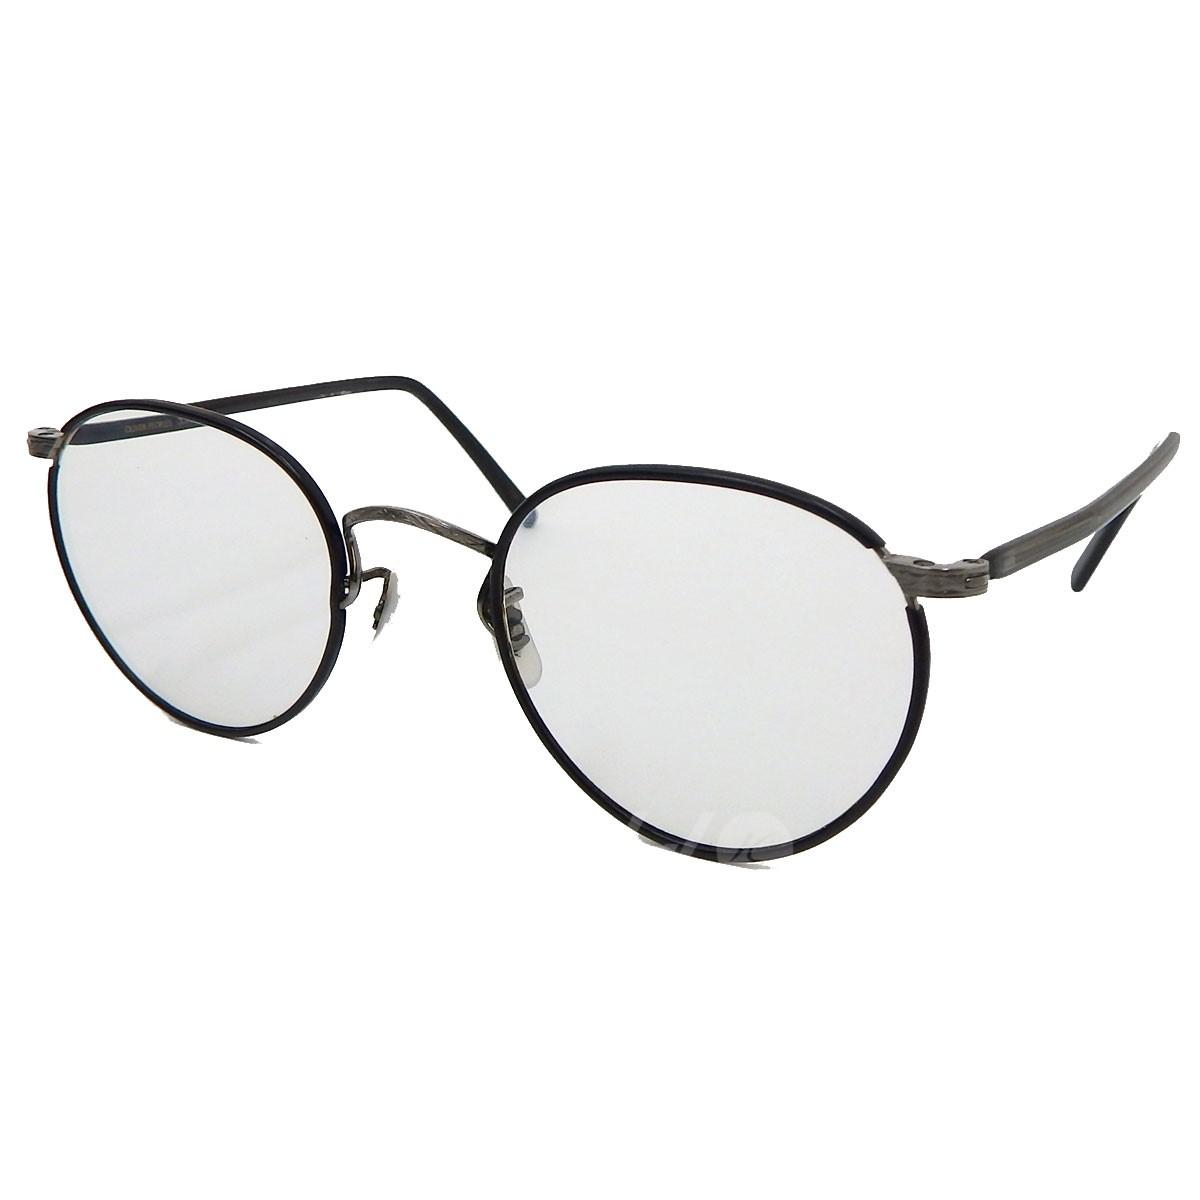 【中古】OLIVER PEOPLES OP-78R 眼鏡 ブラック サイズ:47□22-143 【送料無料】 【280718】(オリバーピープルズ)